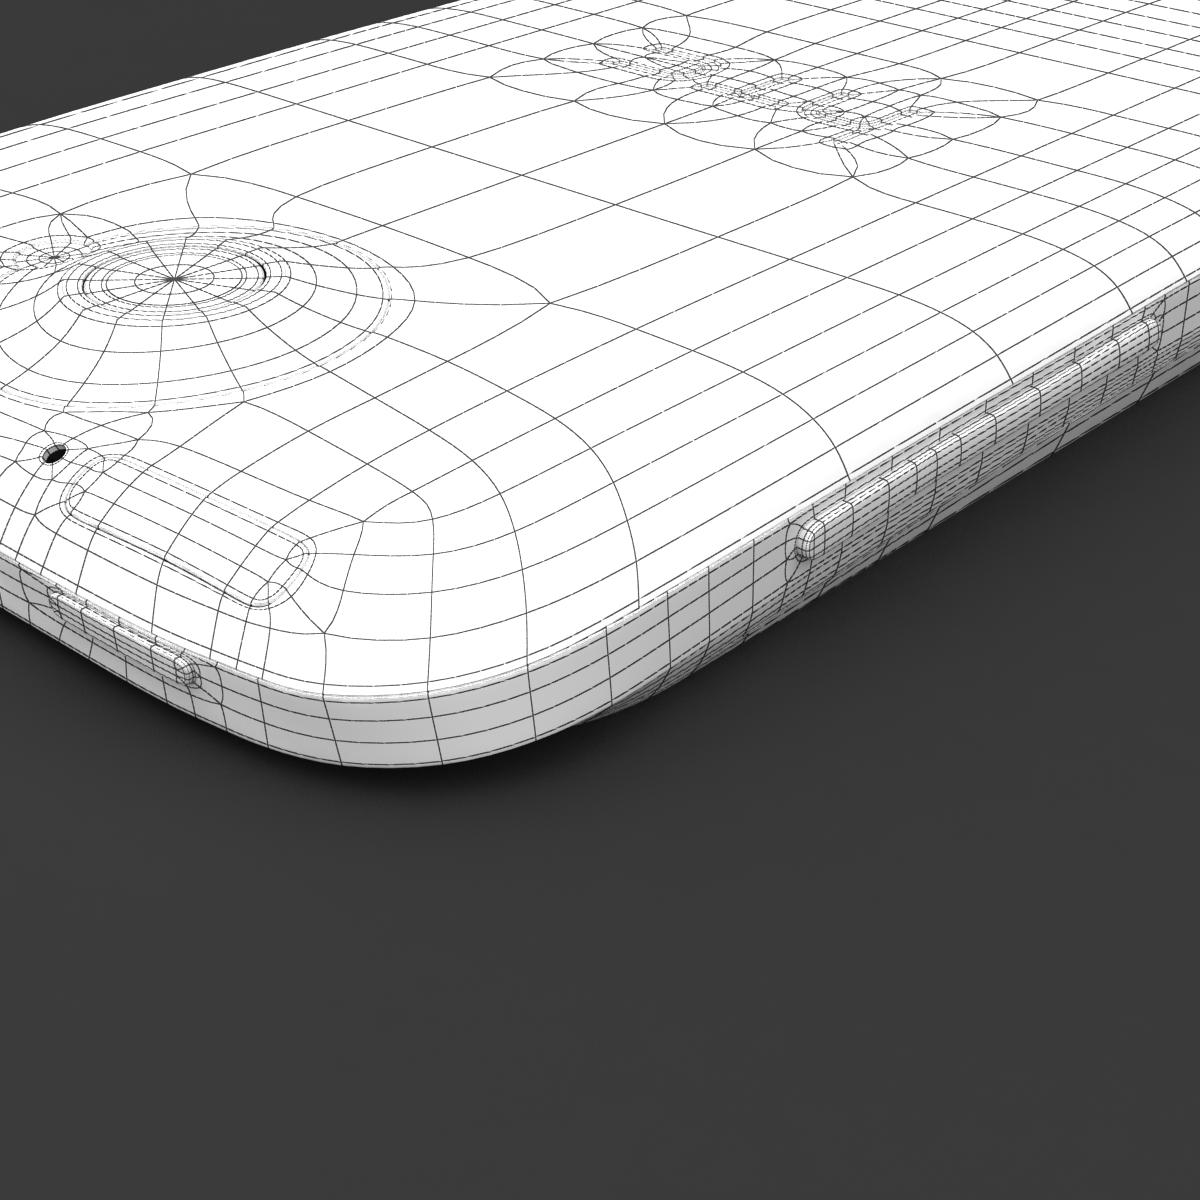 htc viens x + polārs balts 3d modelis 3ds max fbx c4d lwo obj 151426